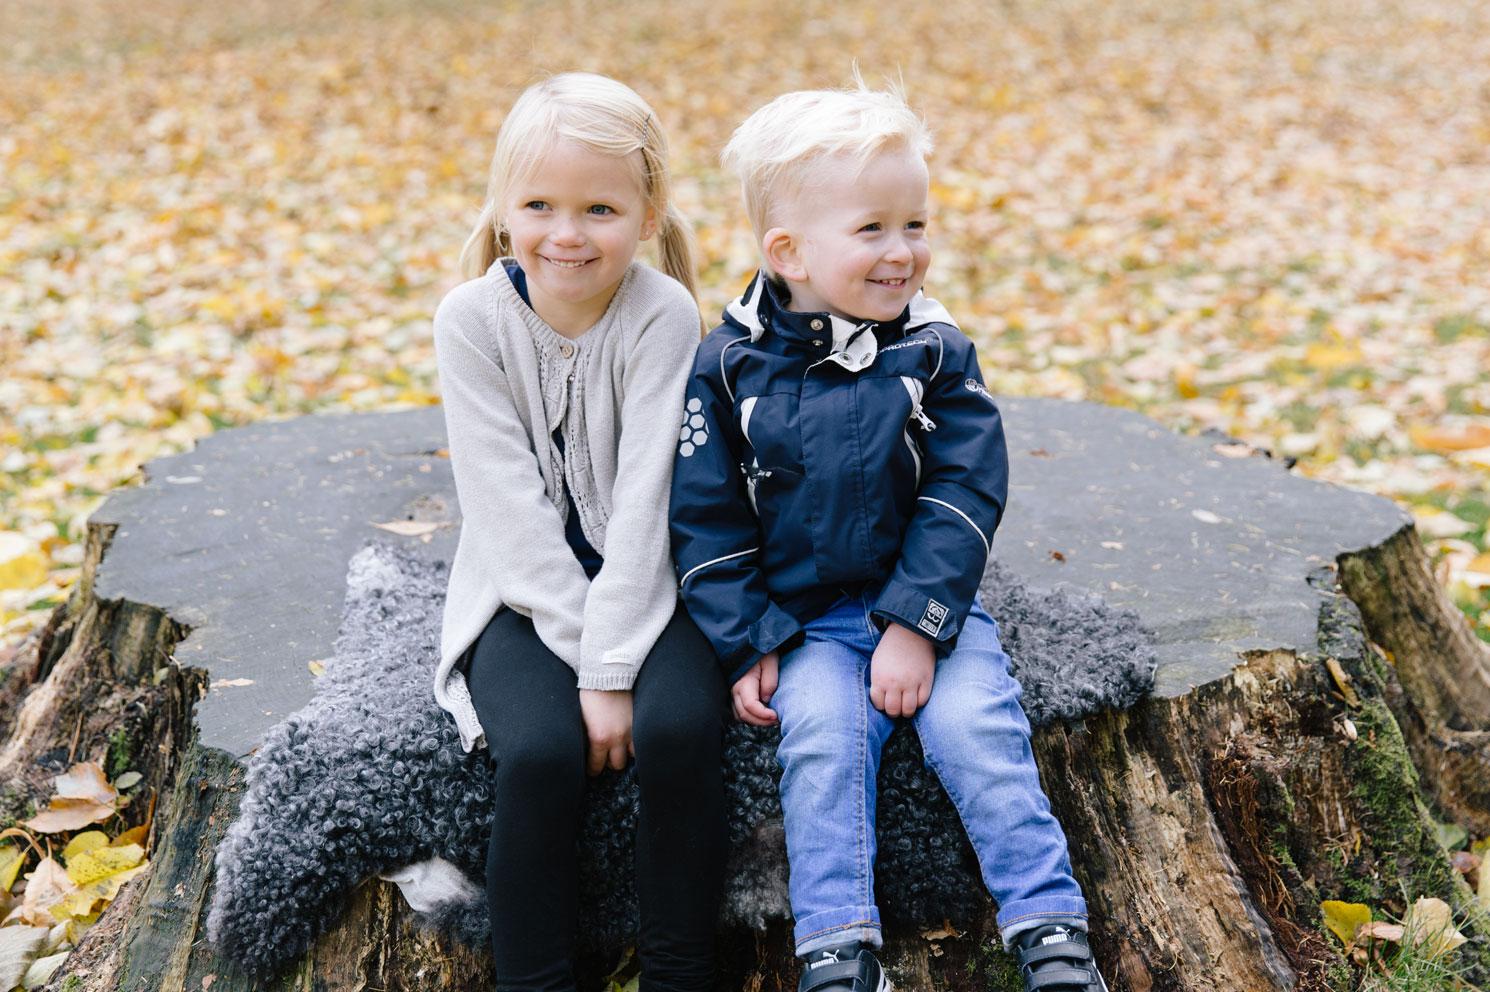 syskonfotografering-beloved-moment-design-alnarpsparken-gladje-lek-skratt